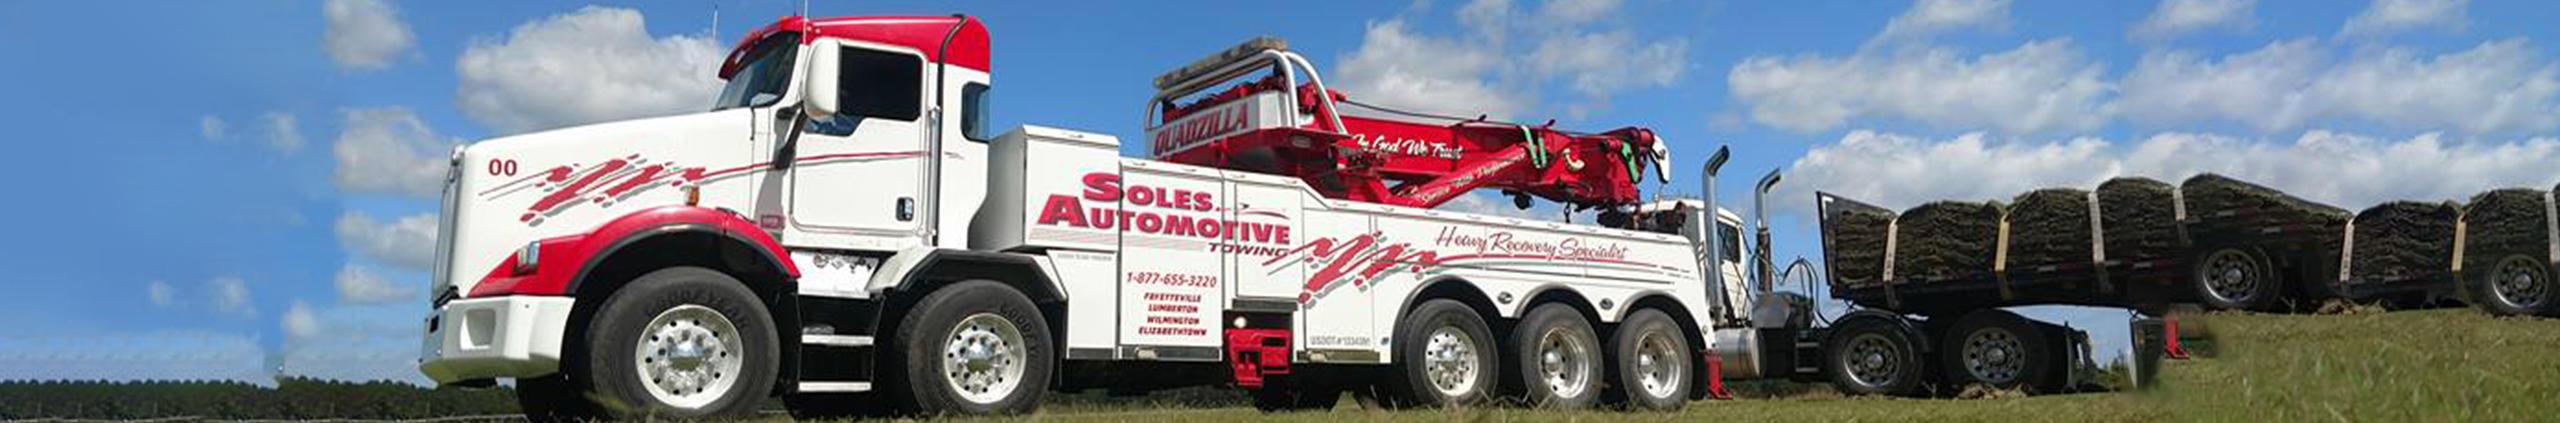 Soles Automotive Towing Inc image 0